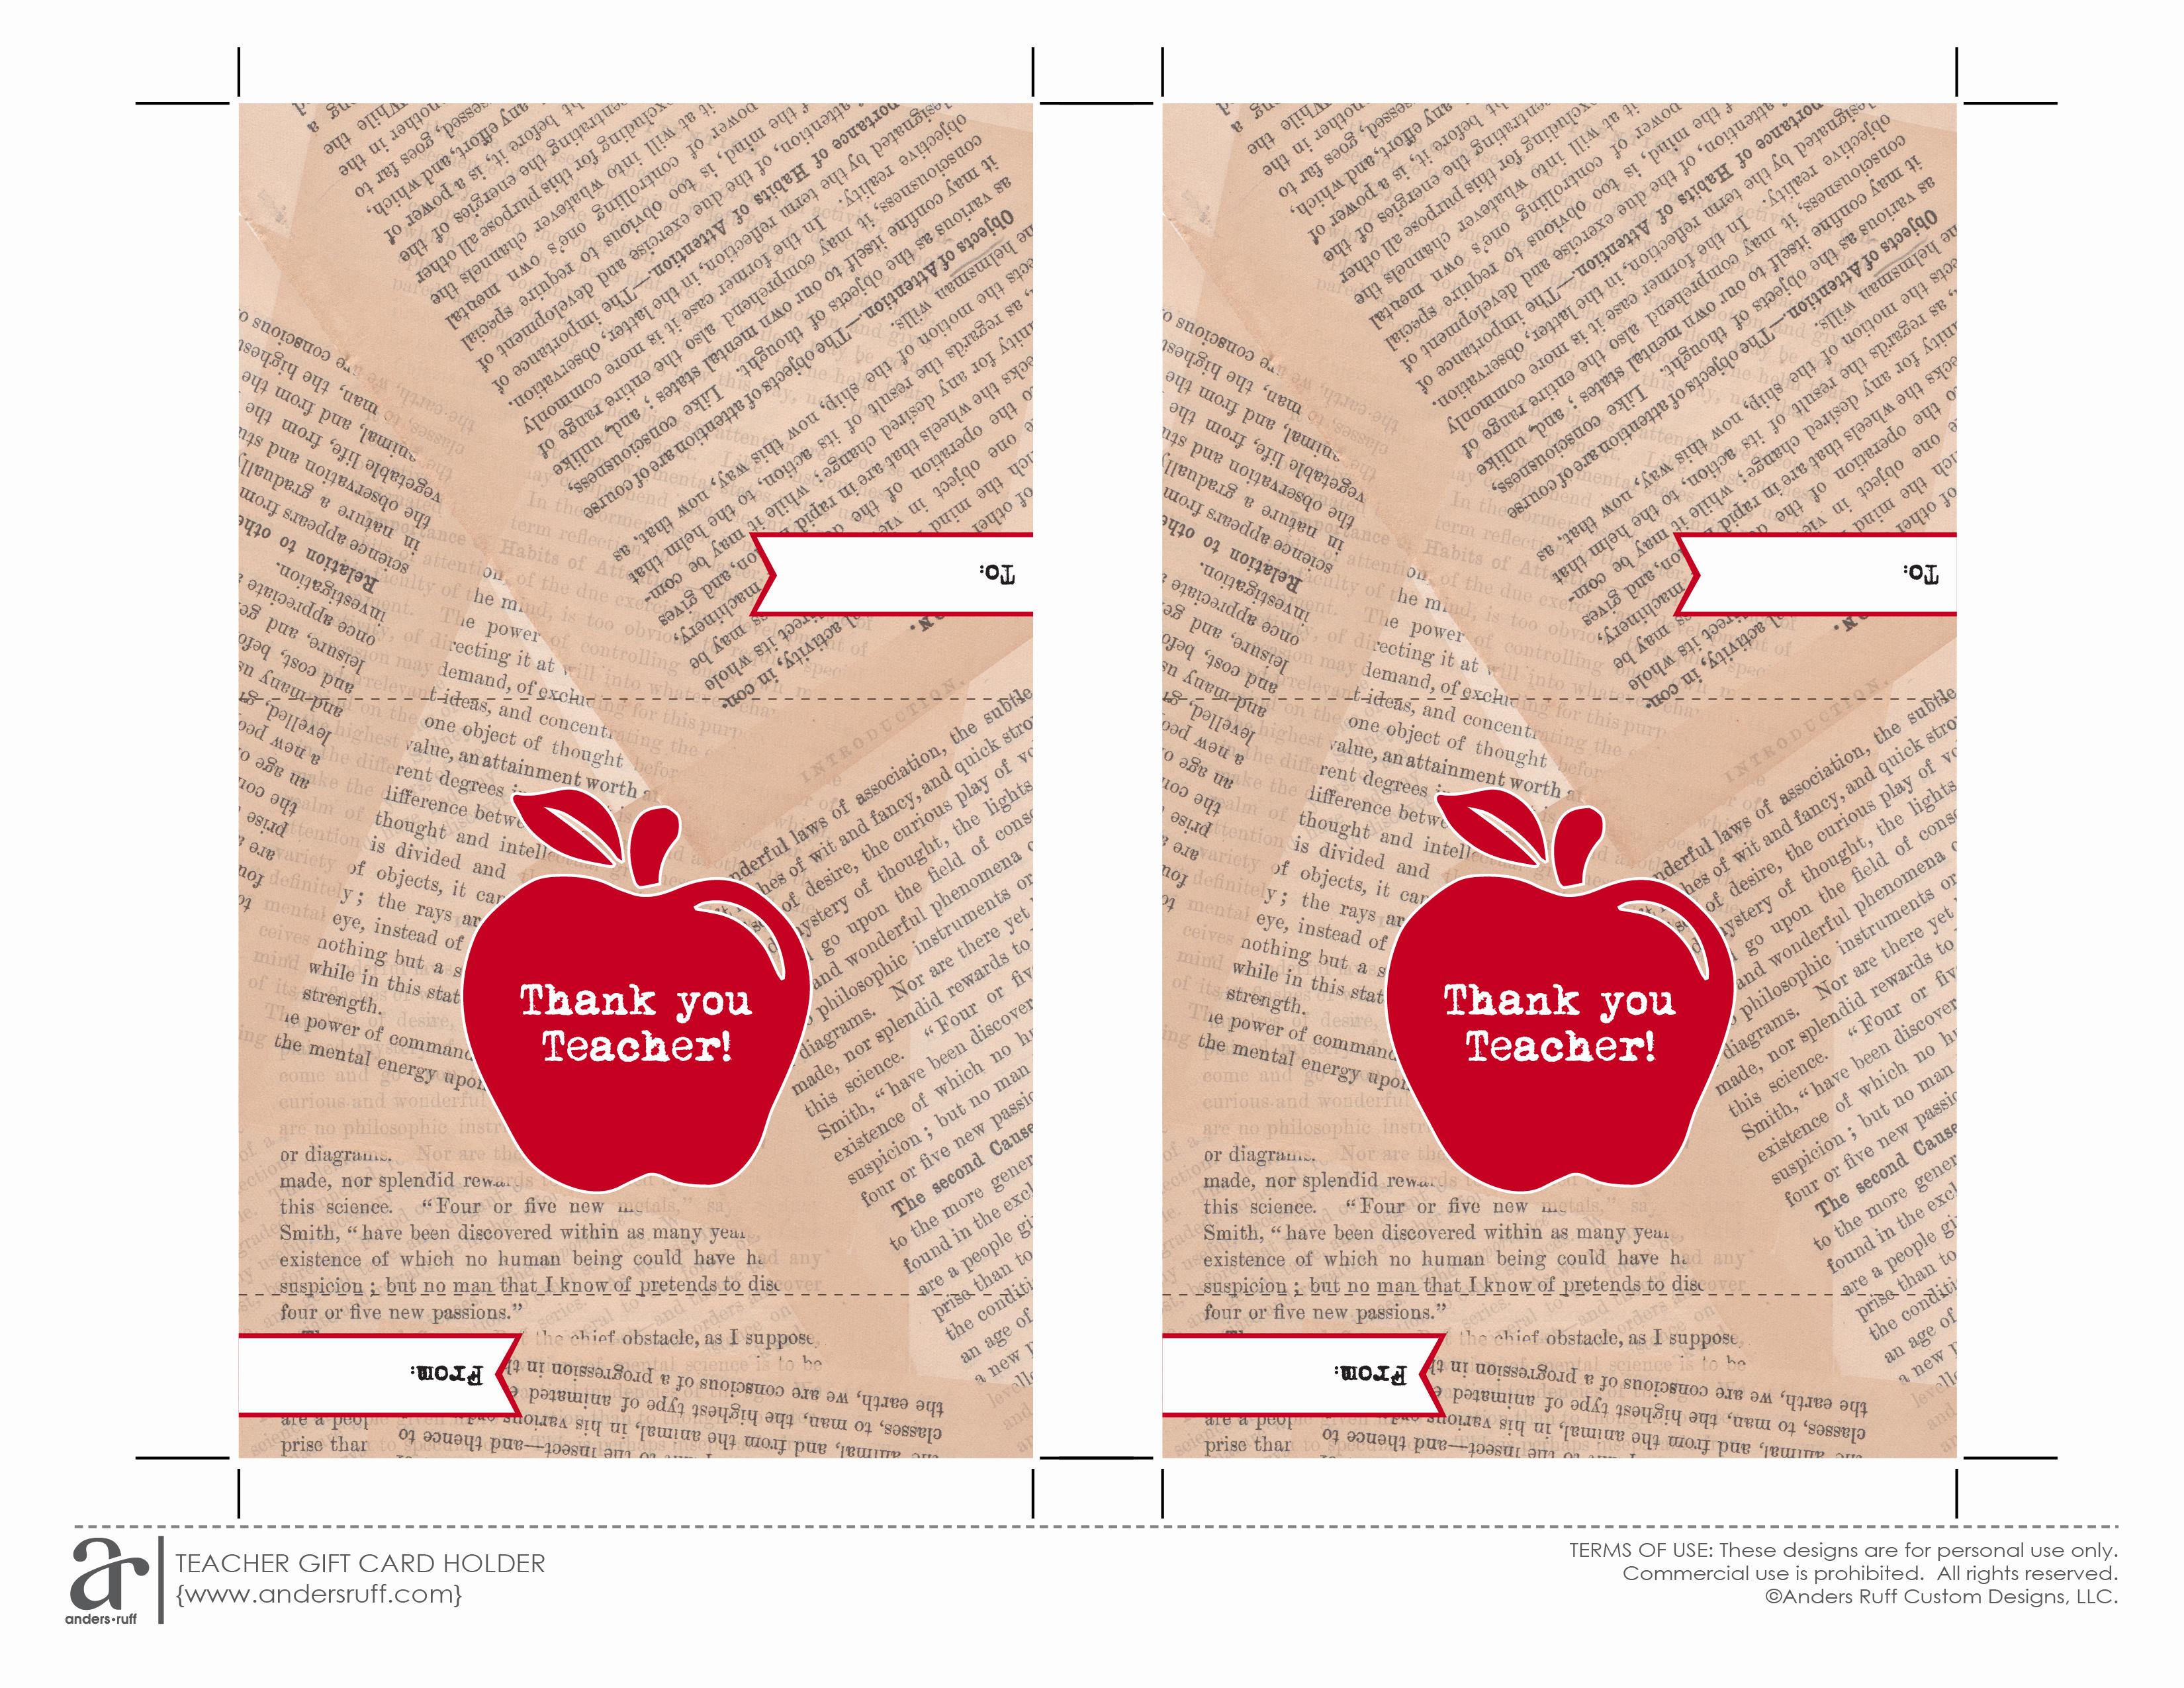 Gift Card Holder Template Free Elegant Ruff Draft Free Printable Gift Card Holder for Teacher